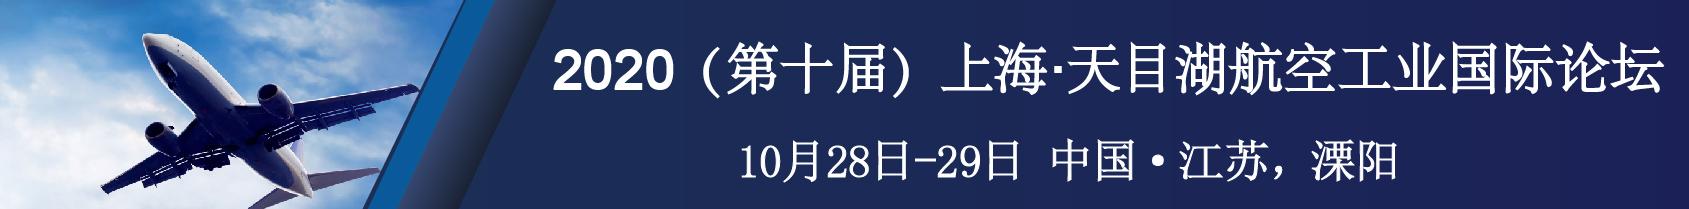 2020(第十届)上海·天目湖航空工业国际论坛